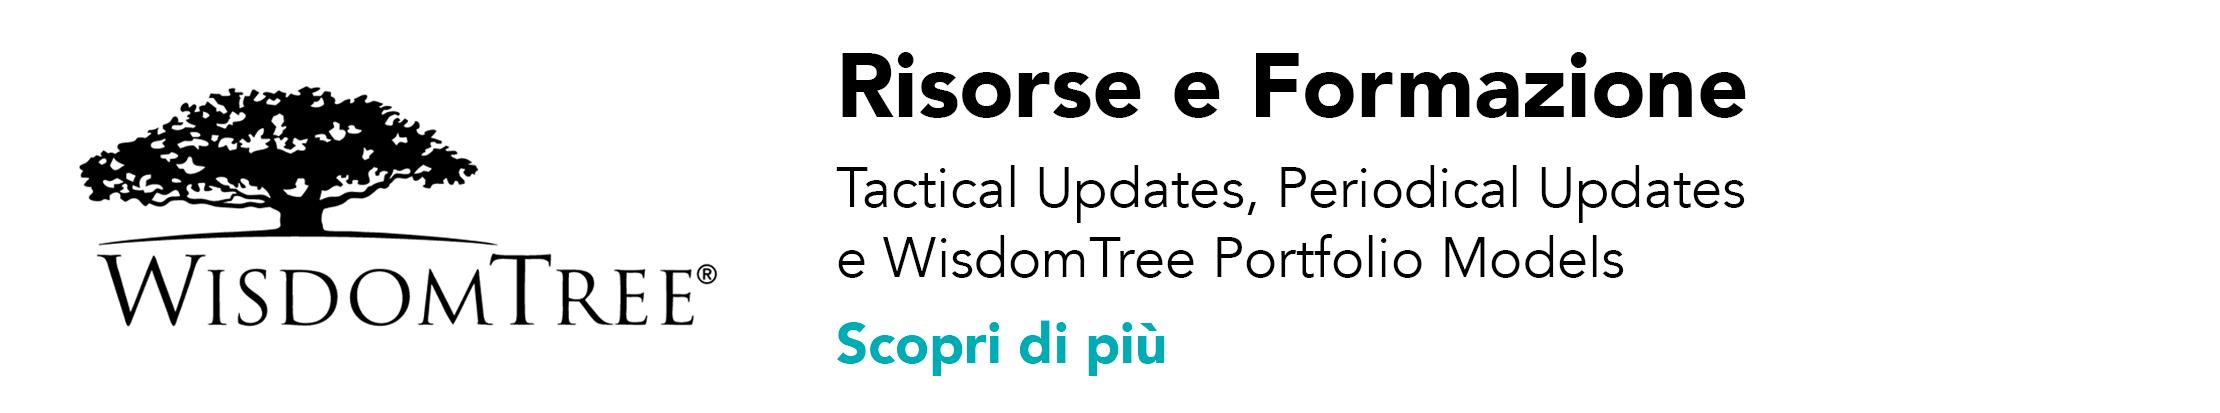 WisdomTree: Risorse e formazione